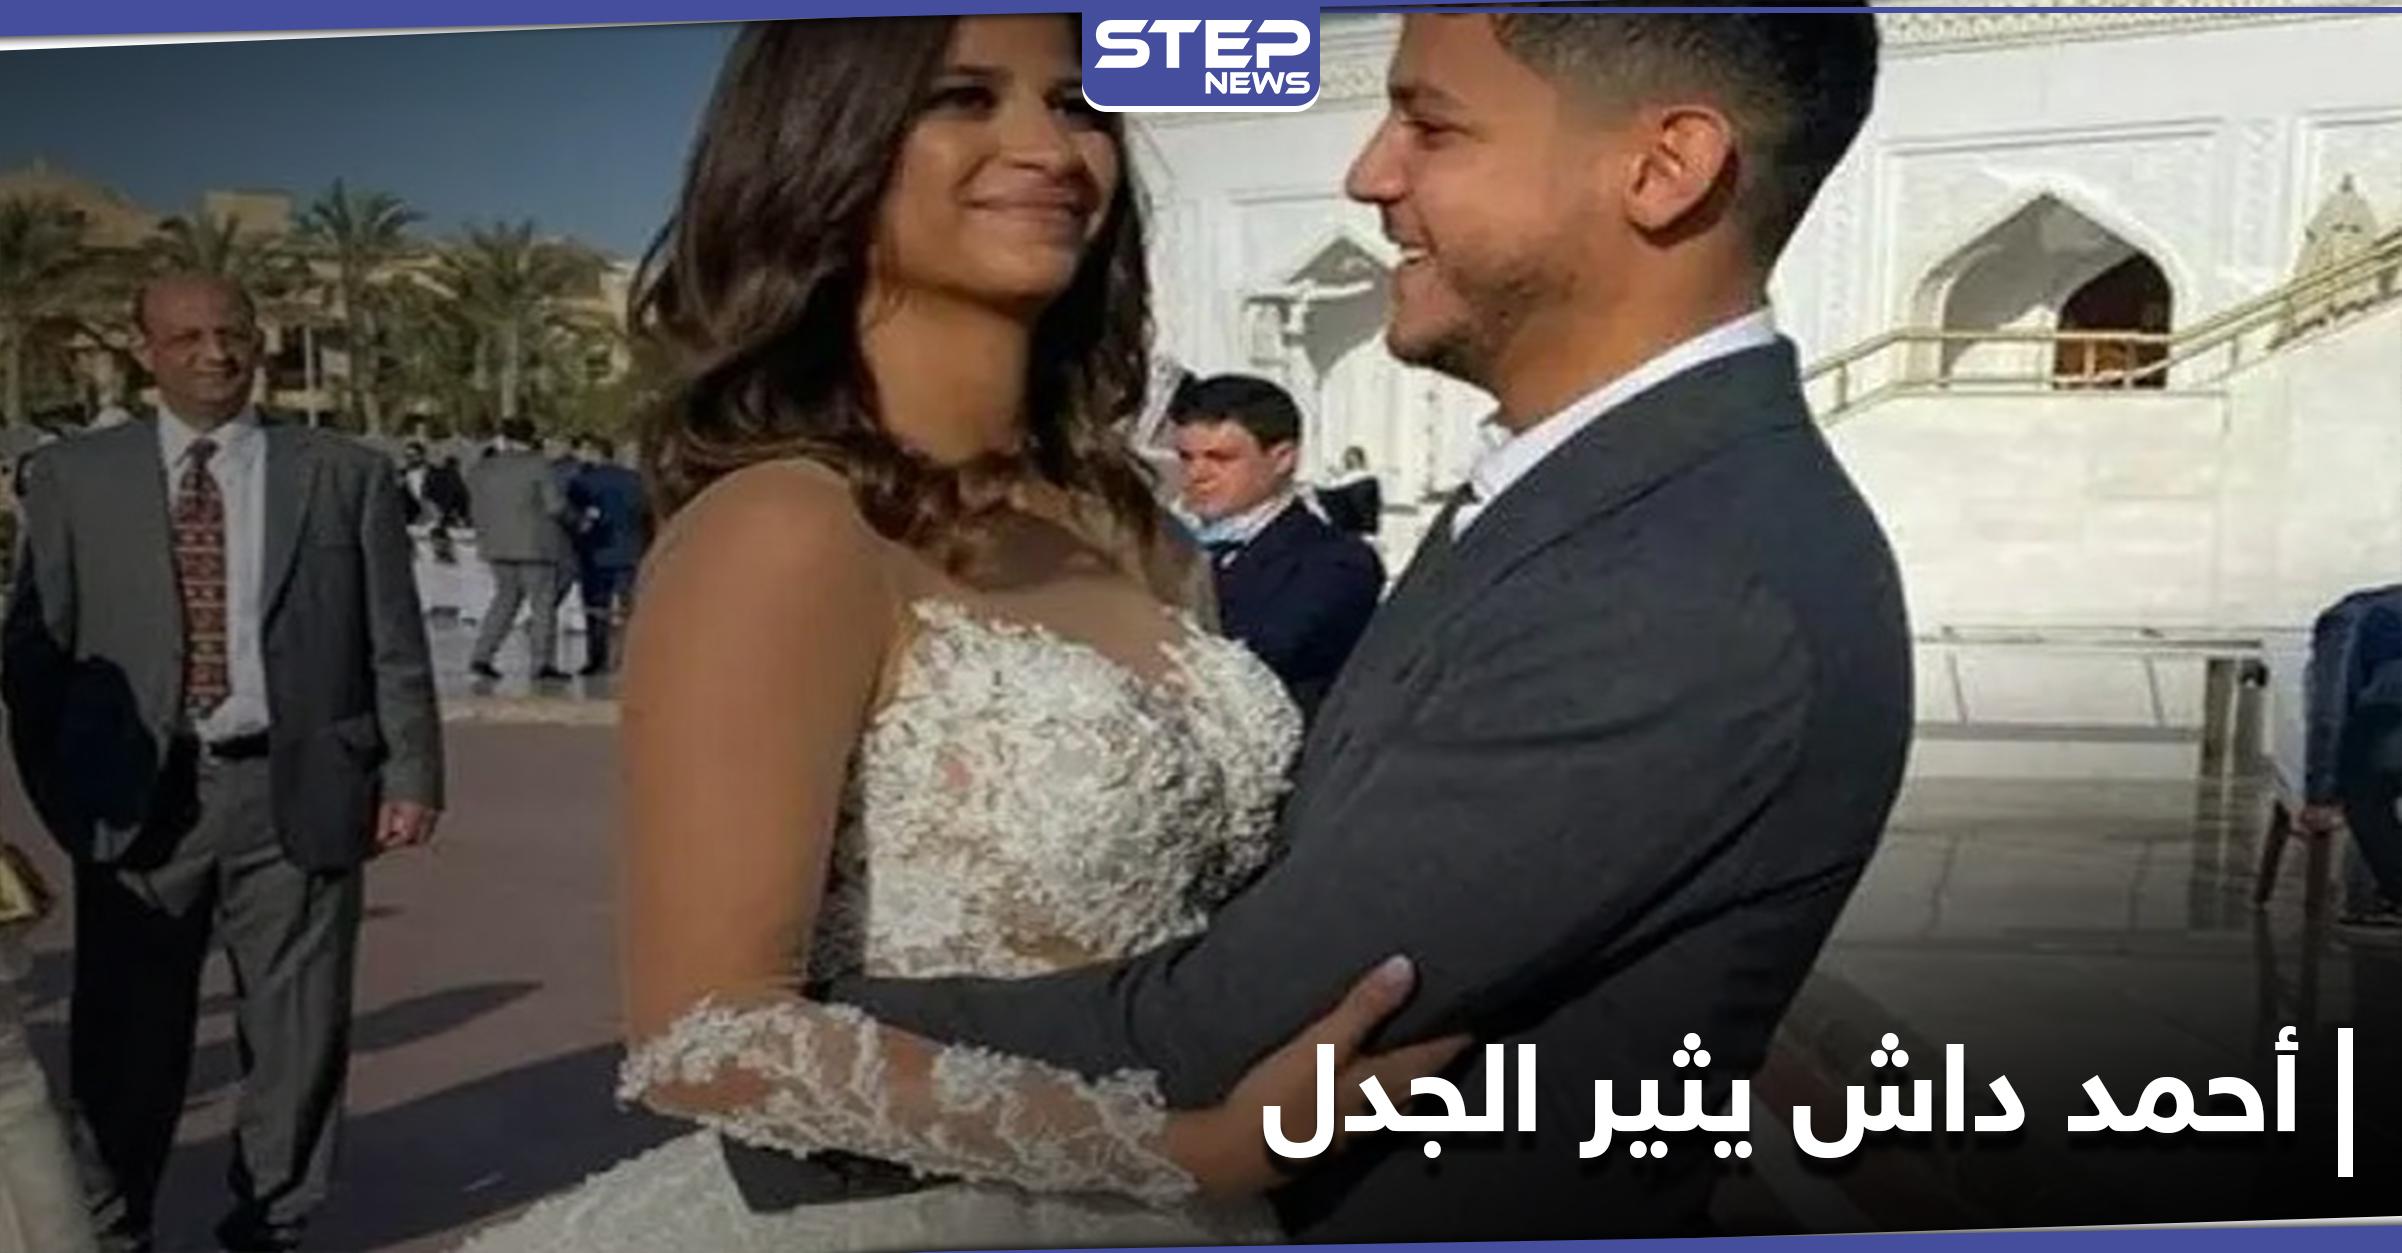 أحمد داش وشقيقته يثيران الجدل على مواقع التواصل الاجتماعي